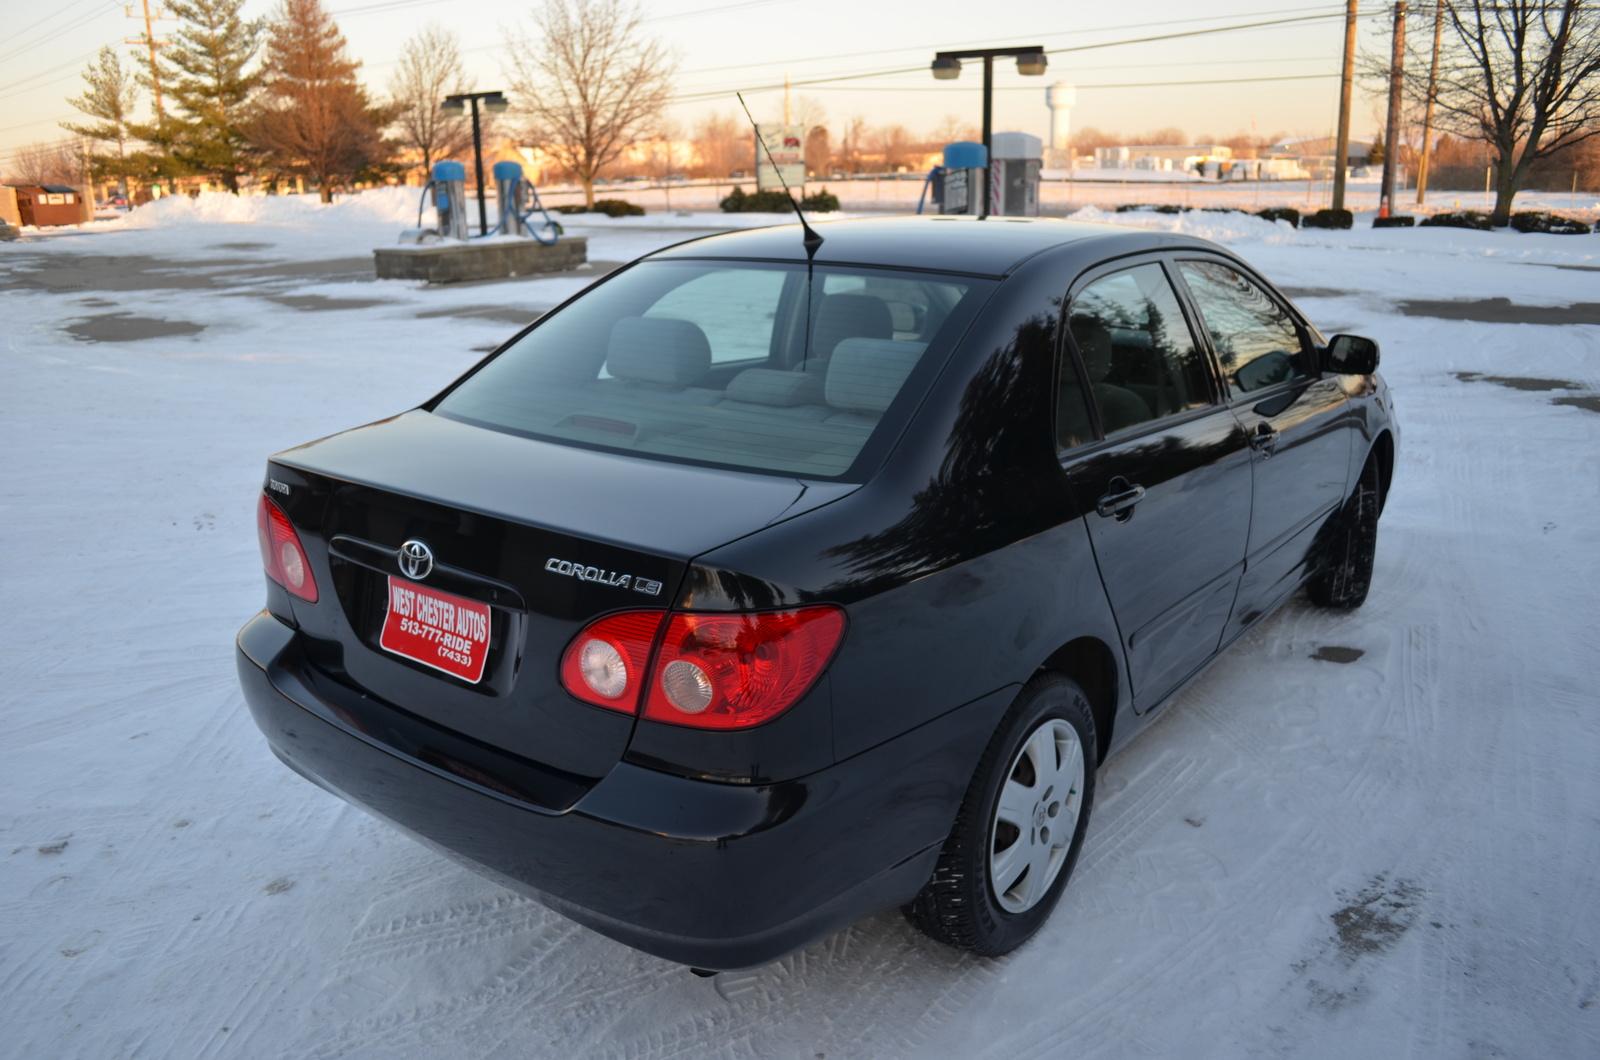 2005 Toyota Corolla Pictures Cargurus